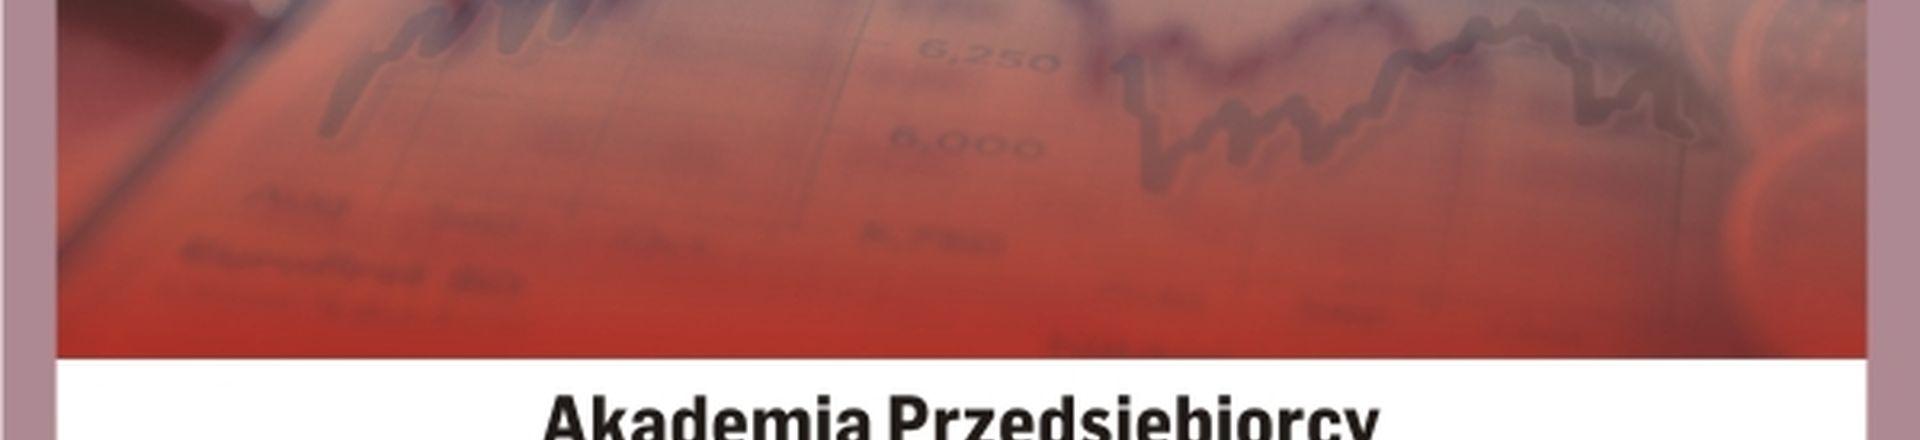 Cykl Akademia Przedsiębiorcy: Kapitał i bezpieczeństwo Twojej firmy - Kraków